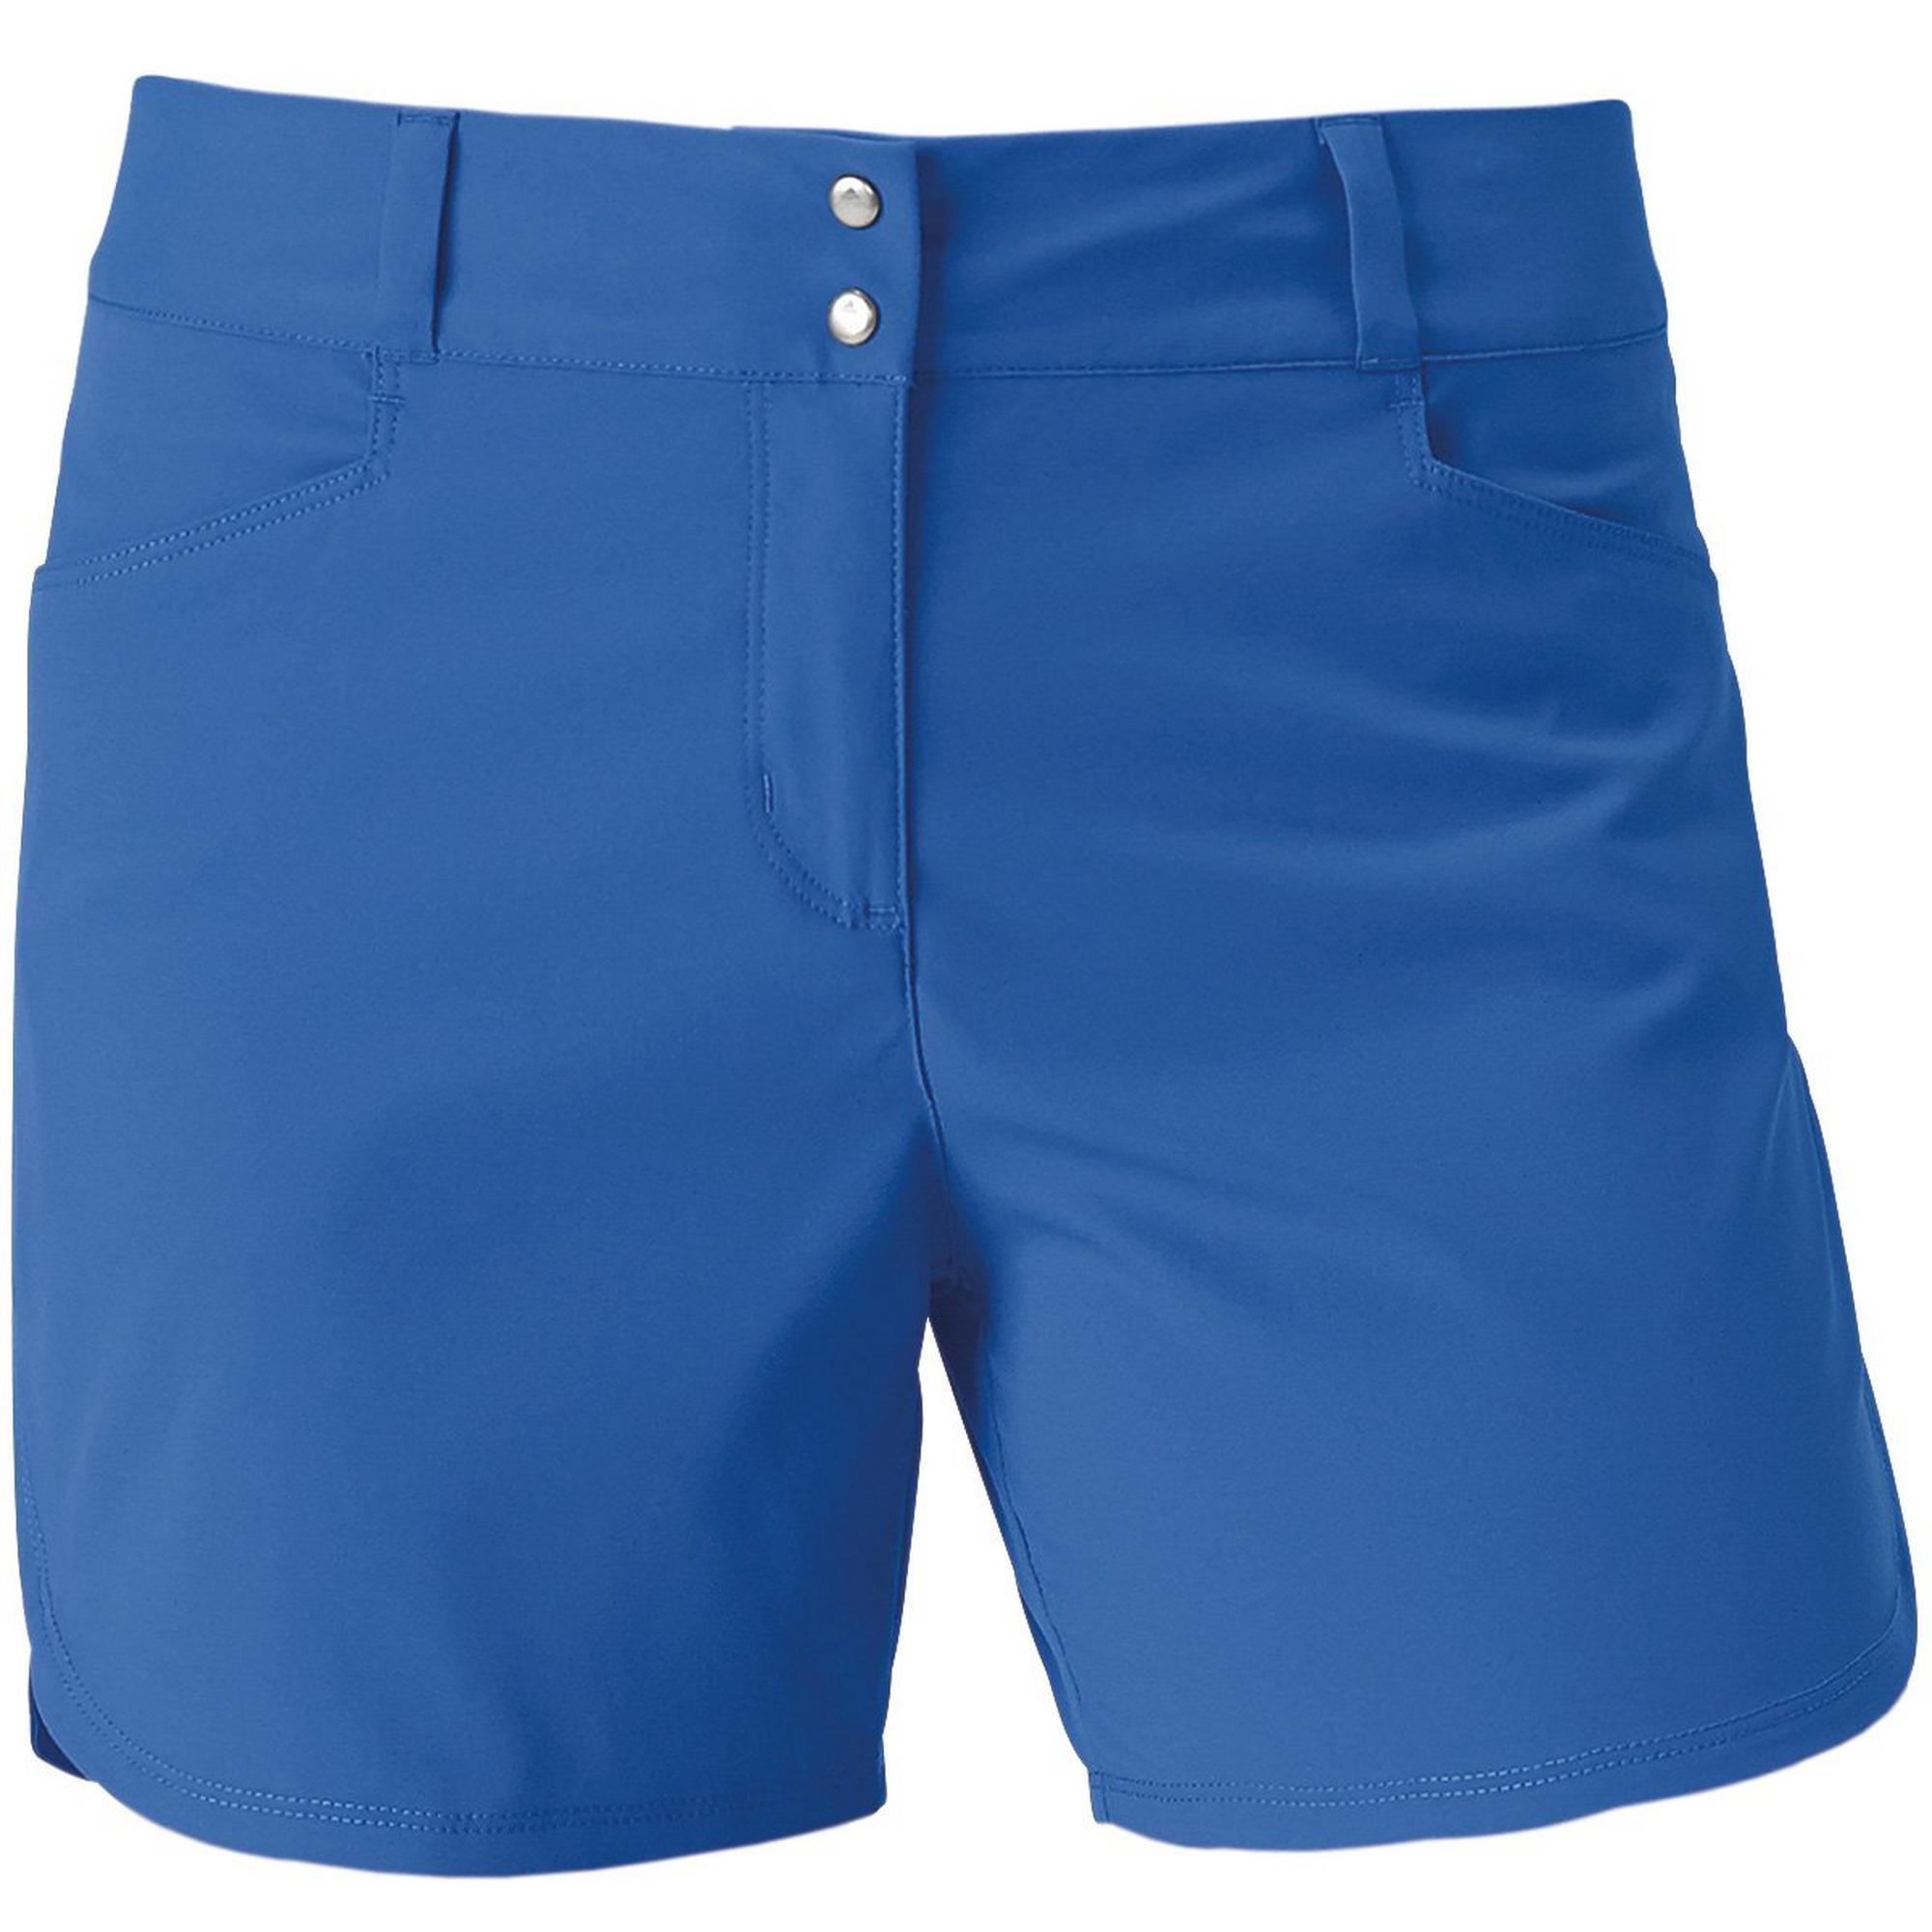 Women's Essential 5 Inch Short